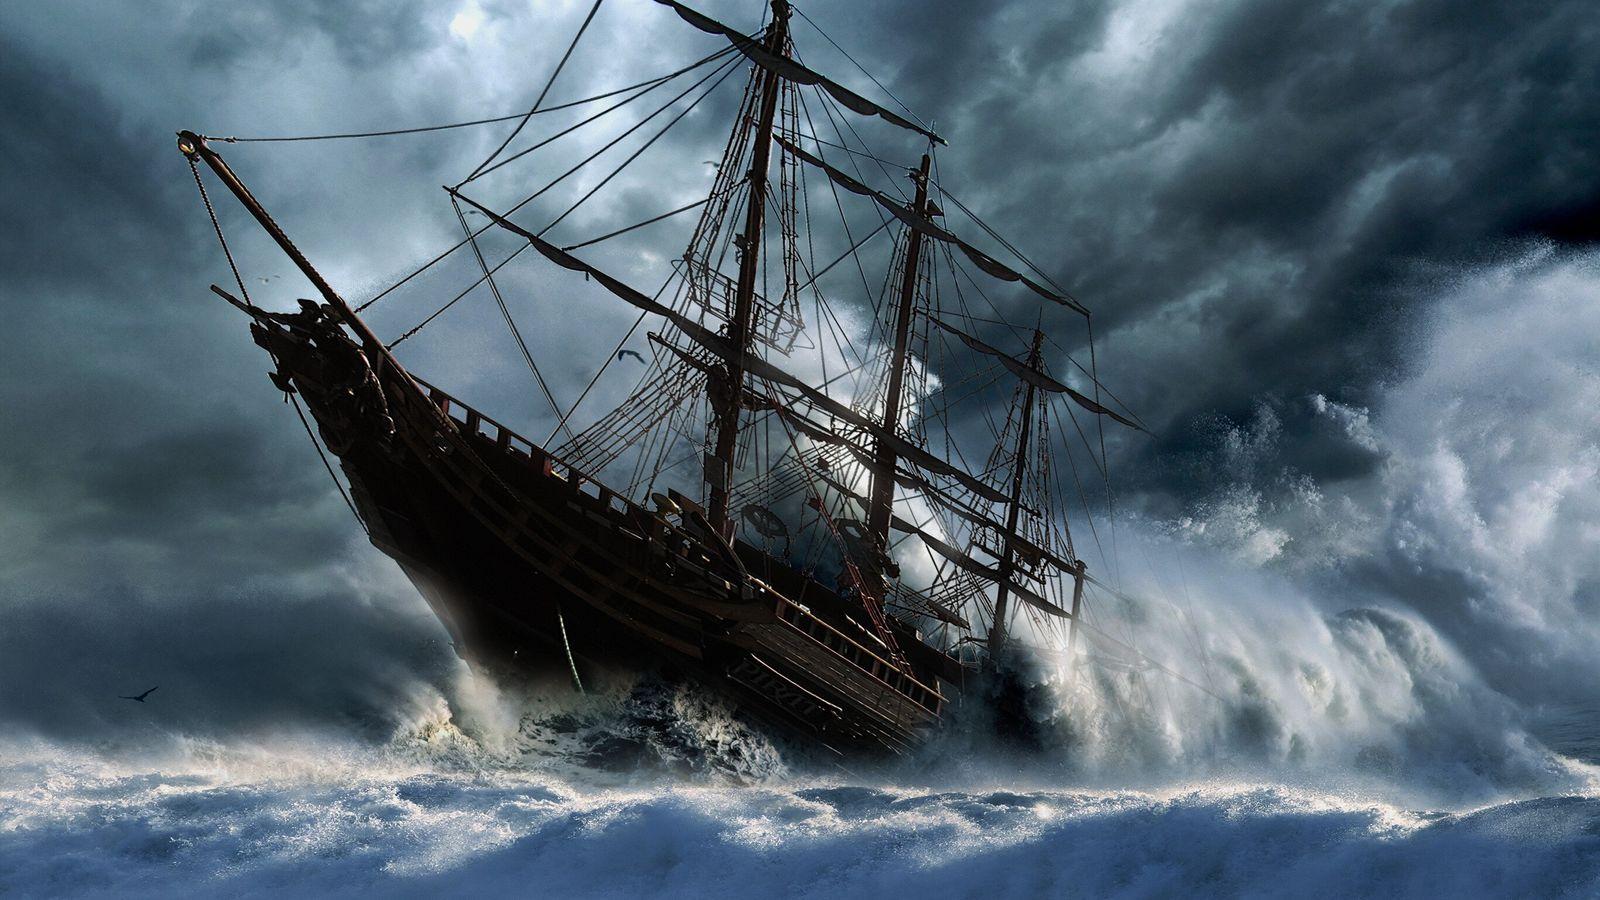 Gemälde: Ein Segelschiff kämpft in stürmischer See mit dem Untergehen